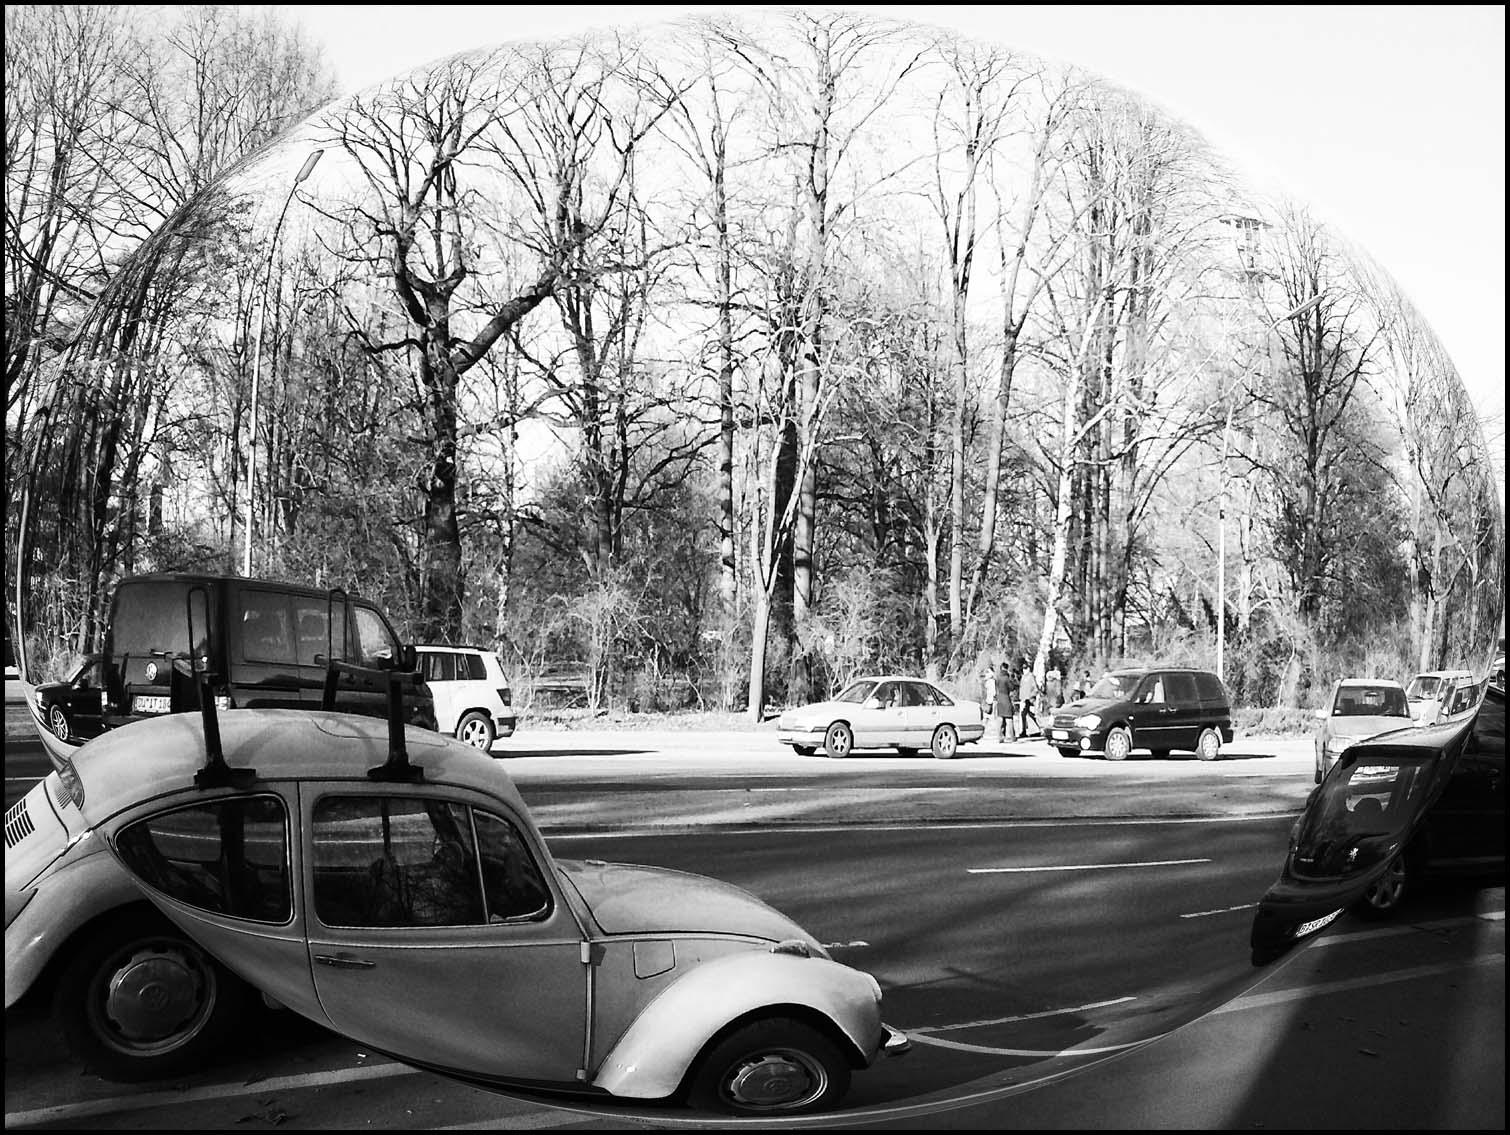 B&W VW Beetle